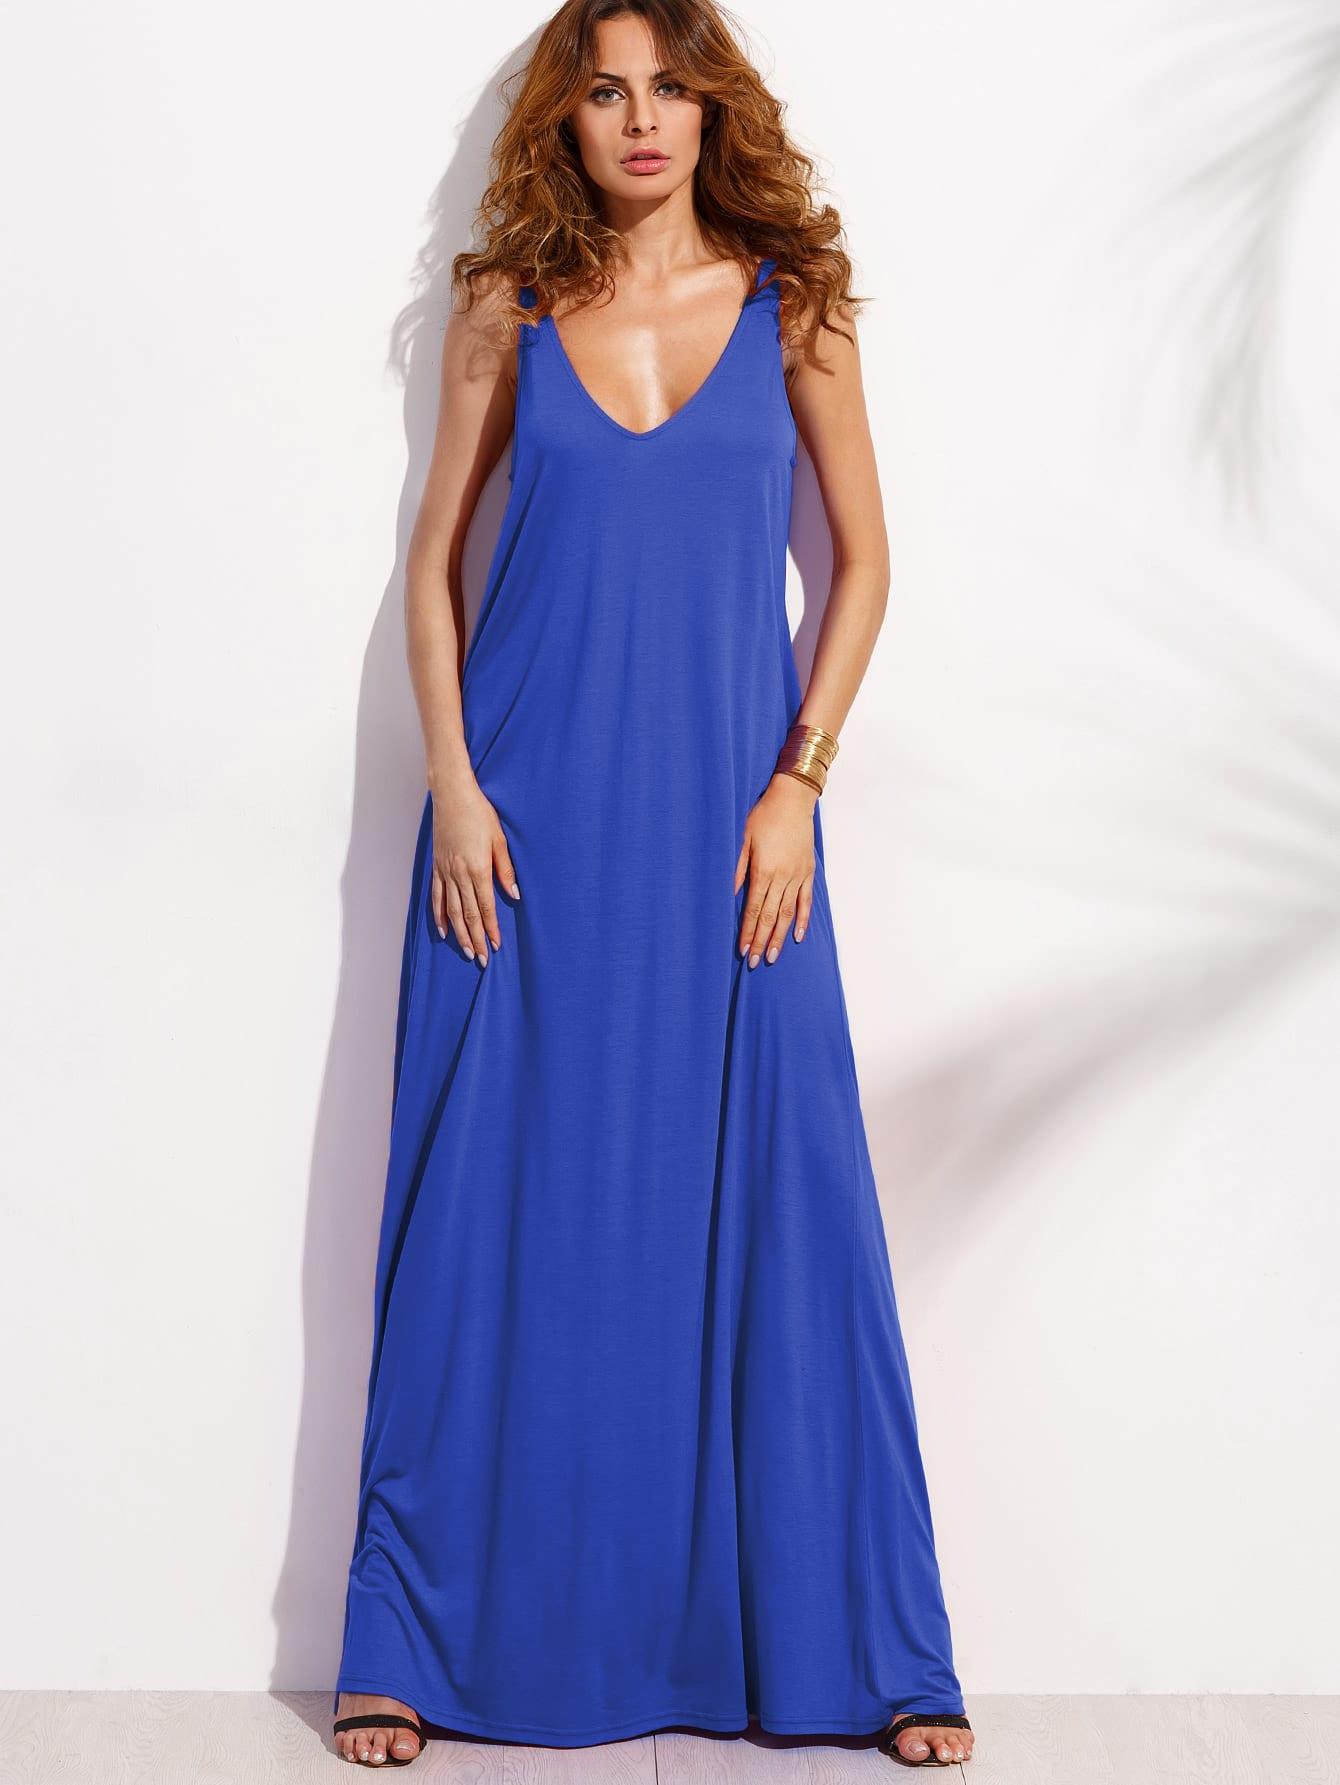 Double V Neck Jersey Tent Dress dress170419463